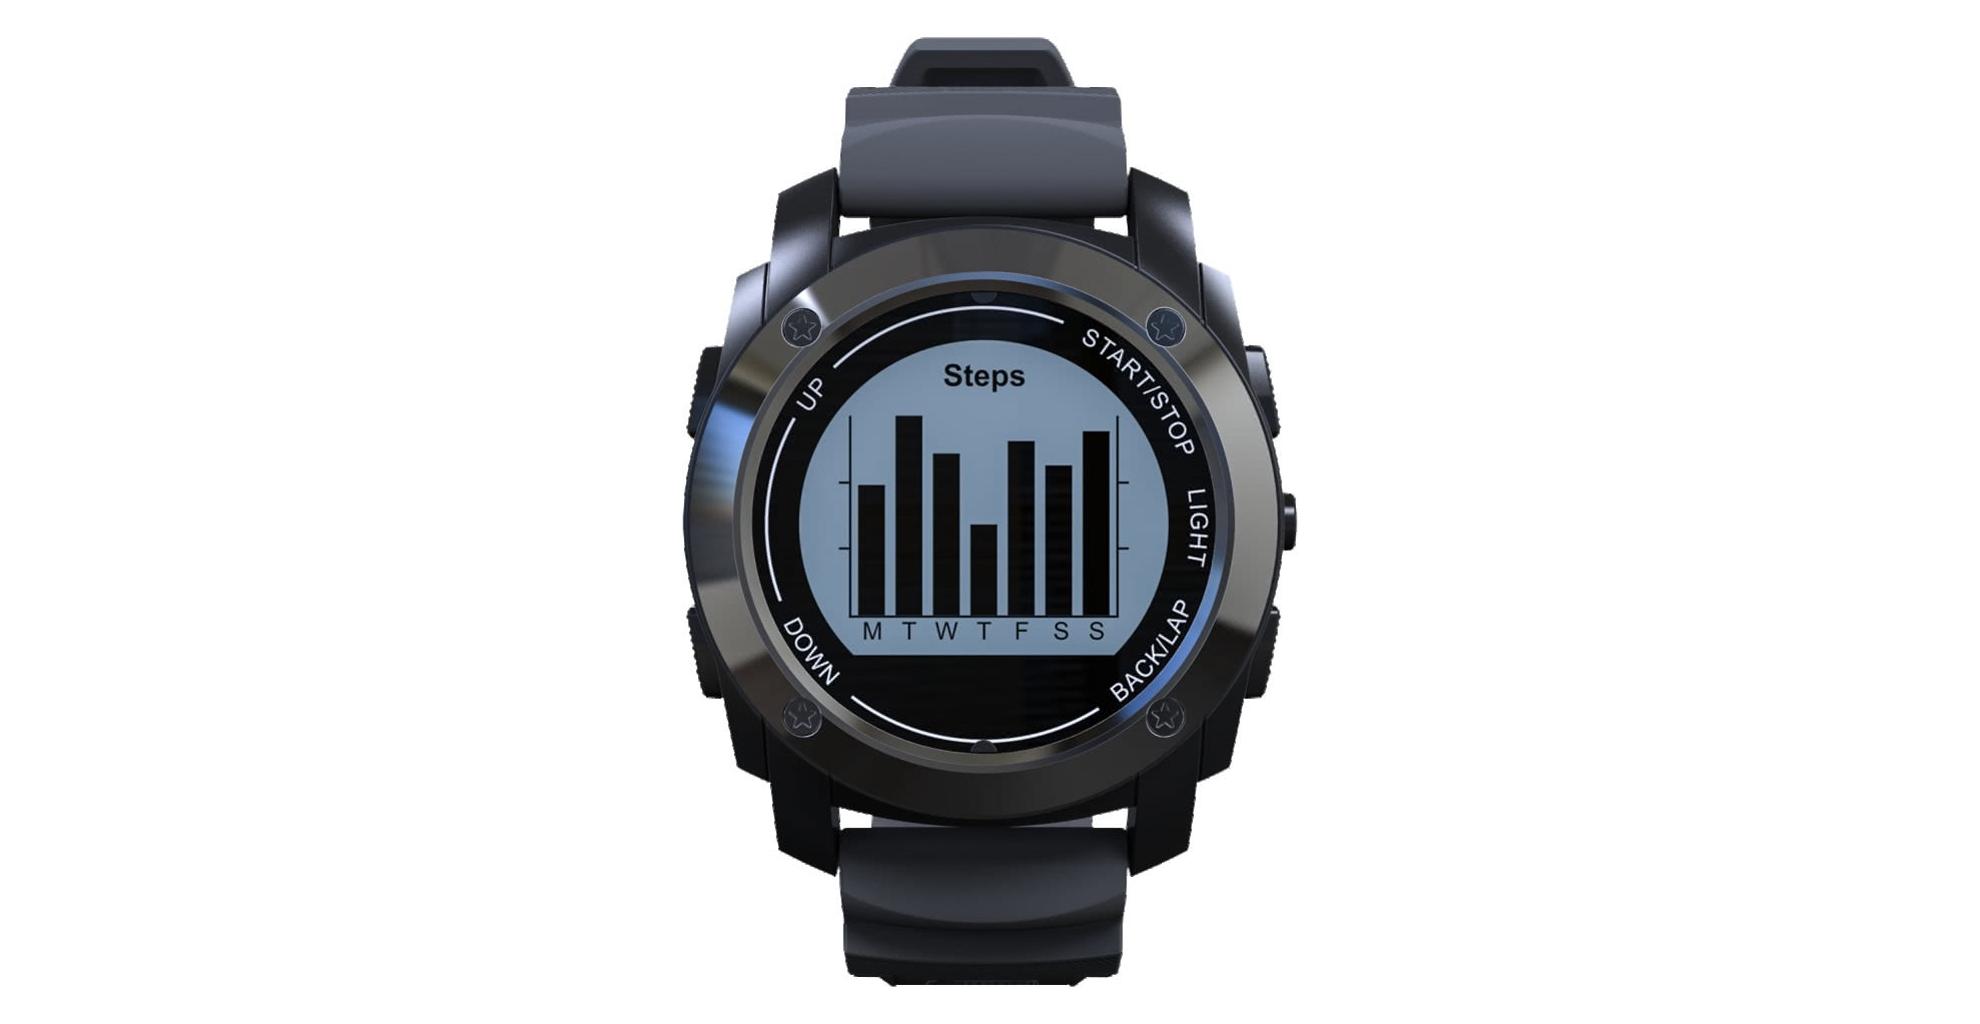 Chytré hodinky S928 pro sportovce nyní o 48 % levněji! [sponzorovaný článek]